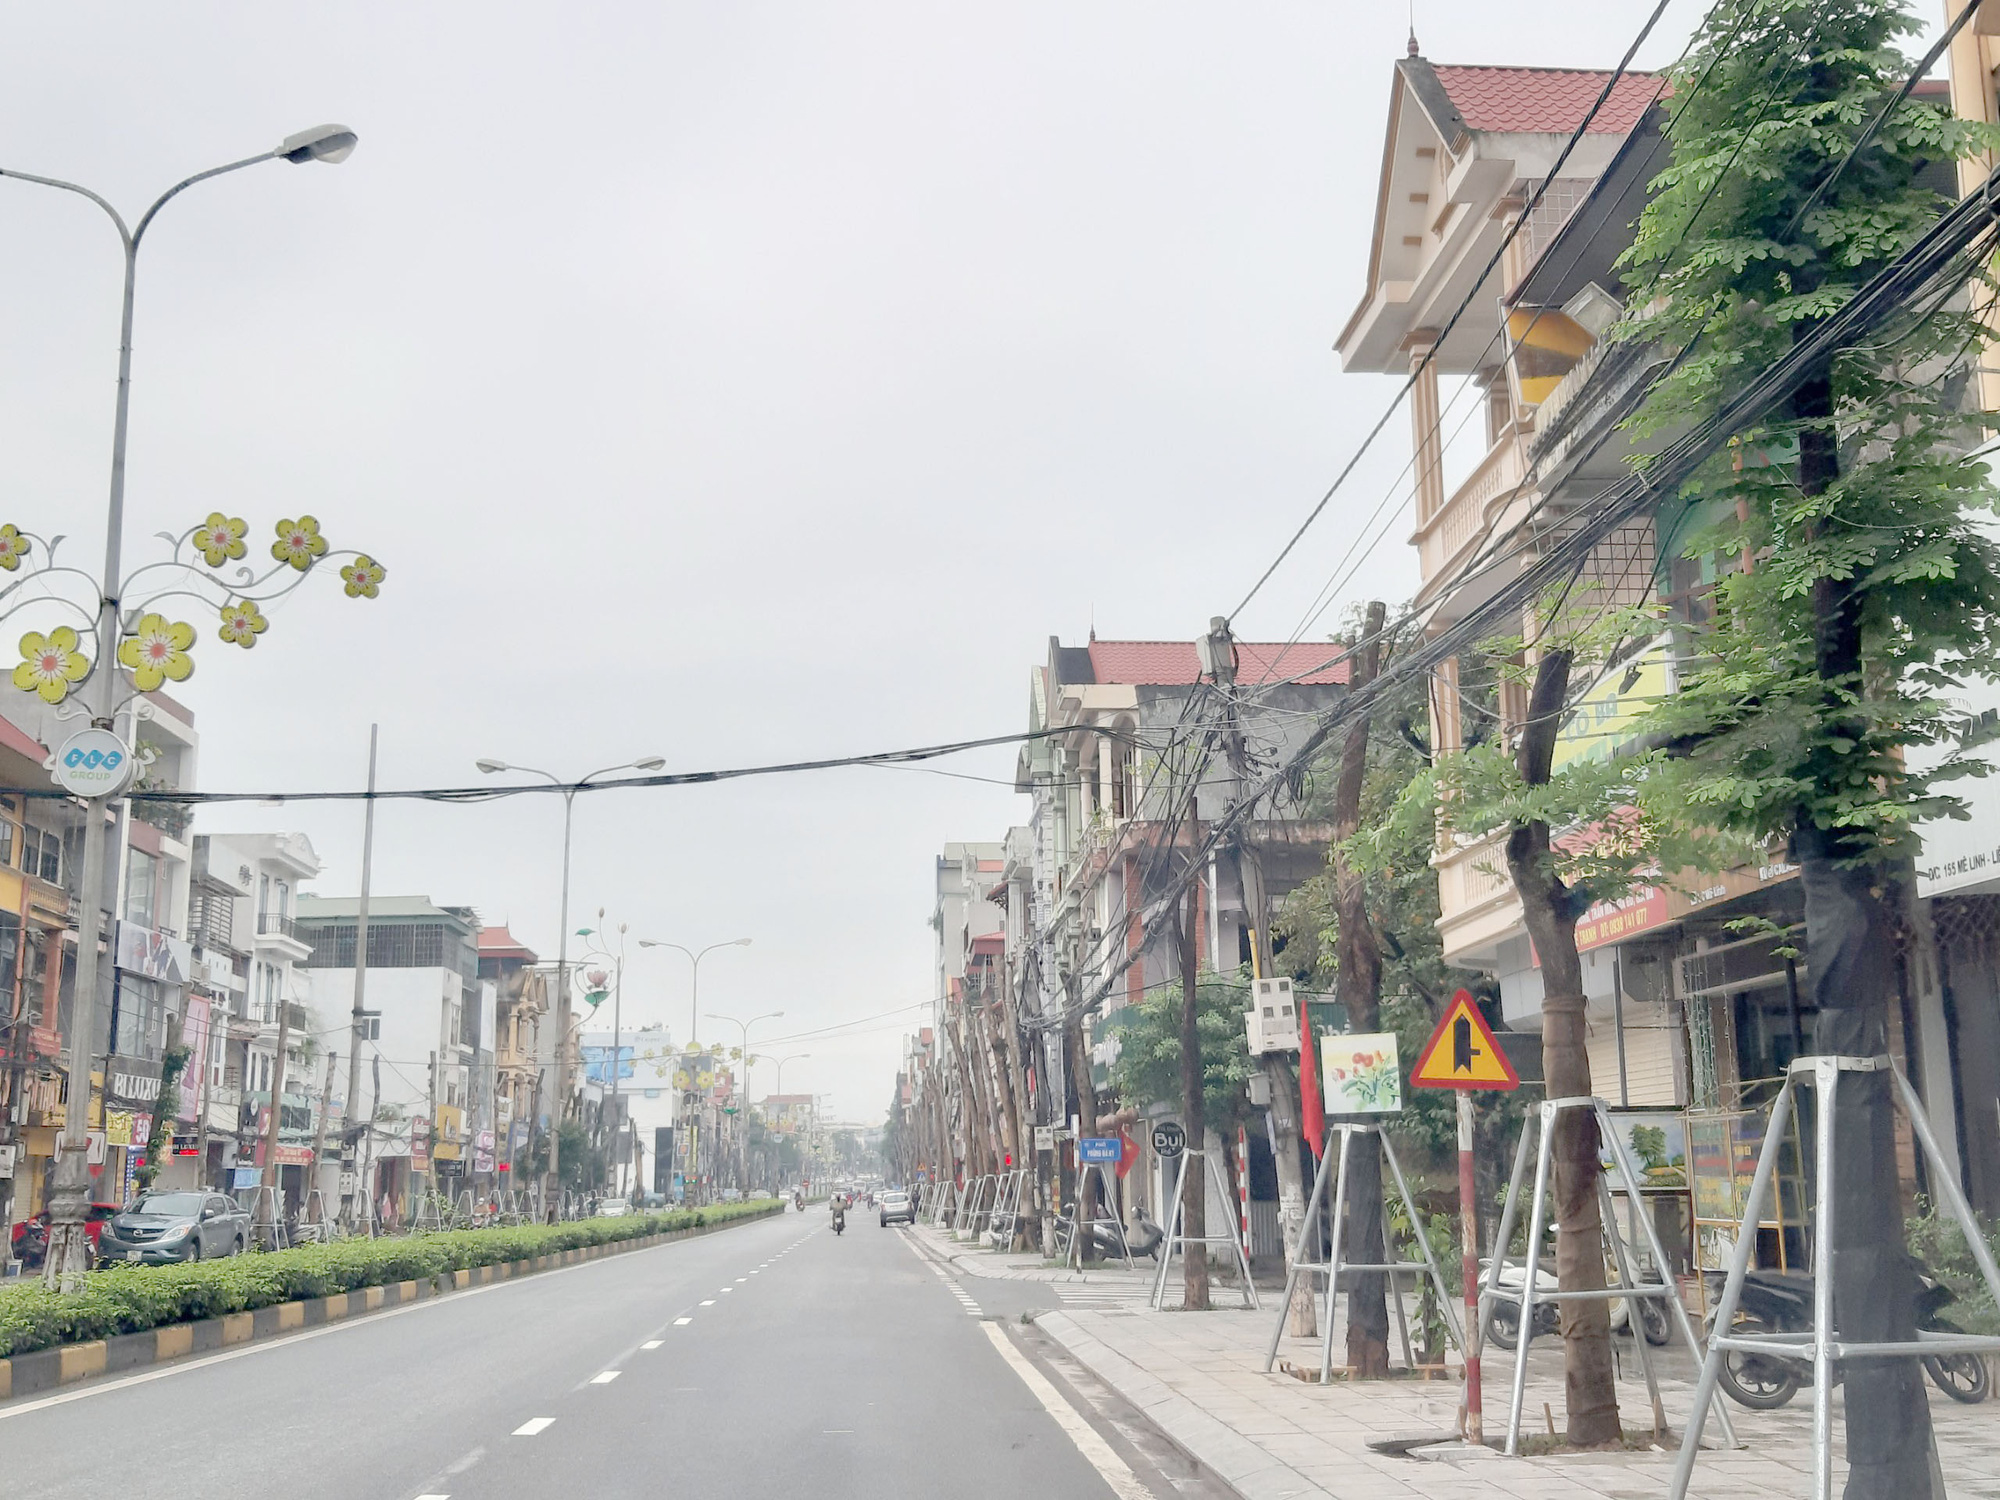 Vĩnh Phúc: La liệt cây xanh bị cụt ngọn, chết khô trên tuyến đường trung tâm thành phố - Ảnh 13.